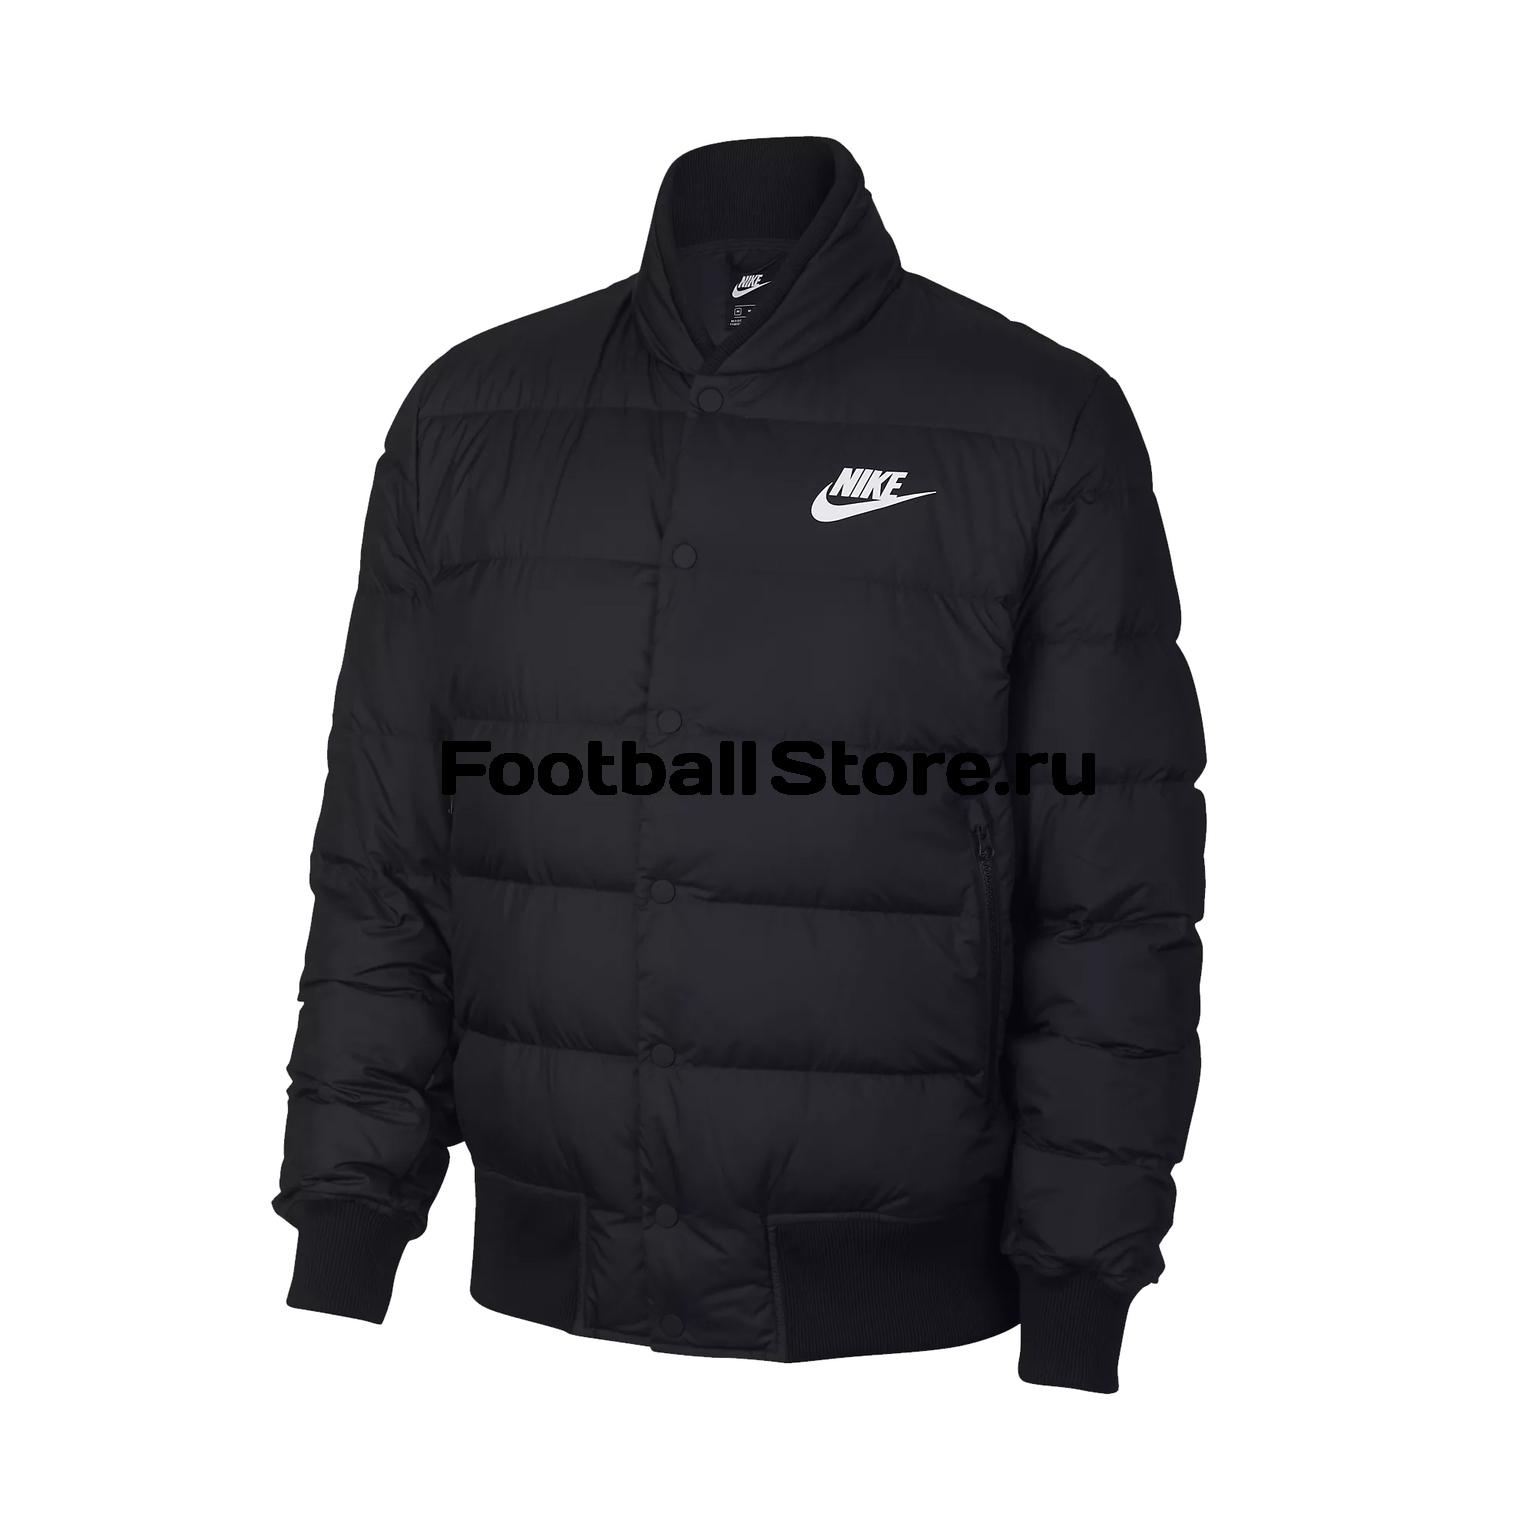 Куртка утепленная Nike Down Fill Bomber 928819-010 куртка nike m nsw down fill bomder 928819 043